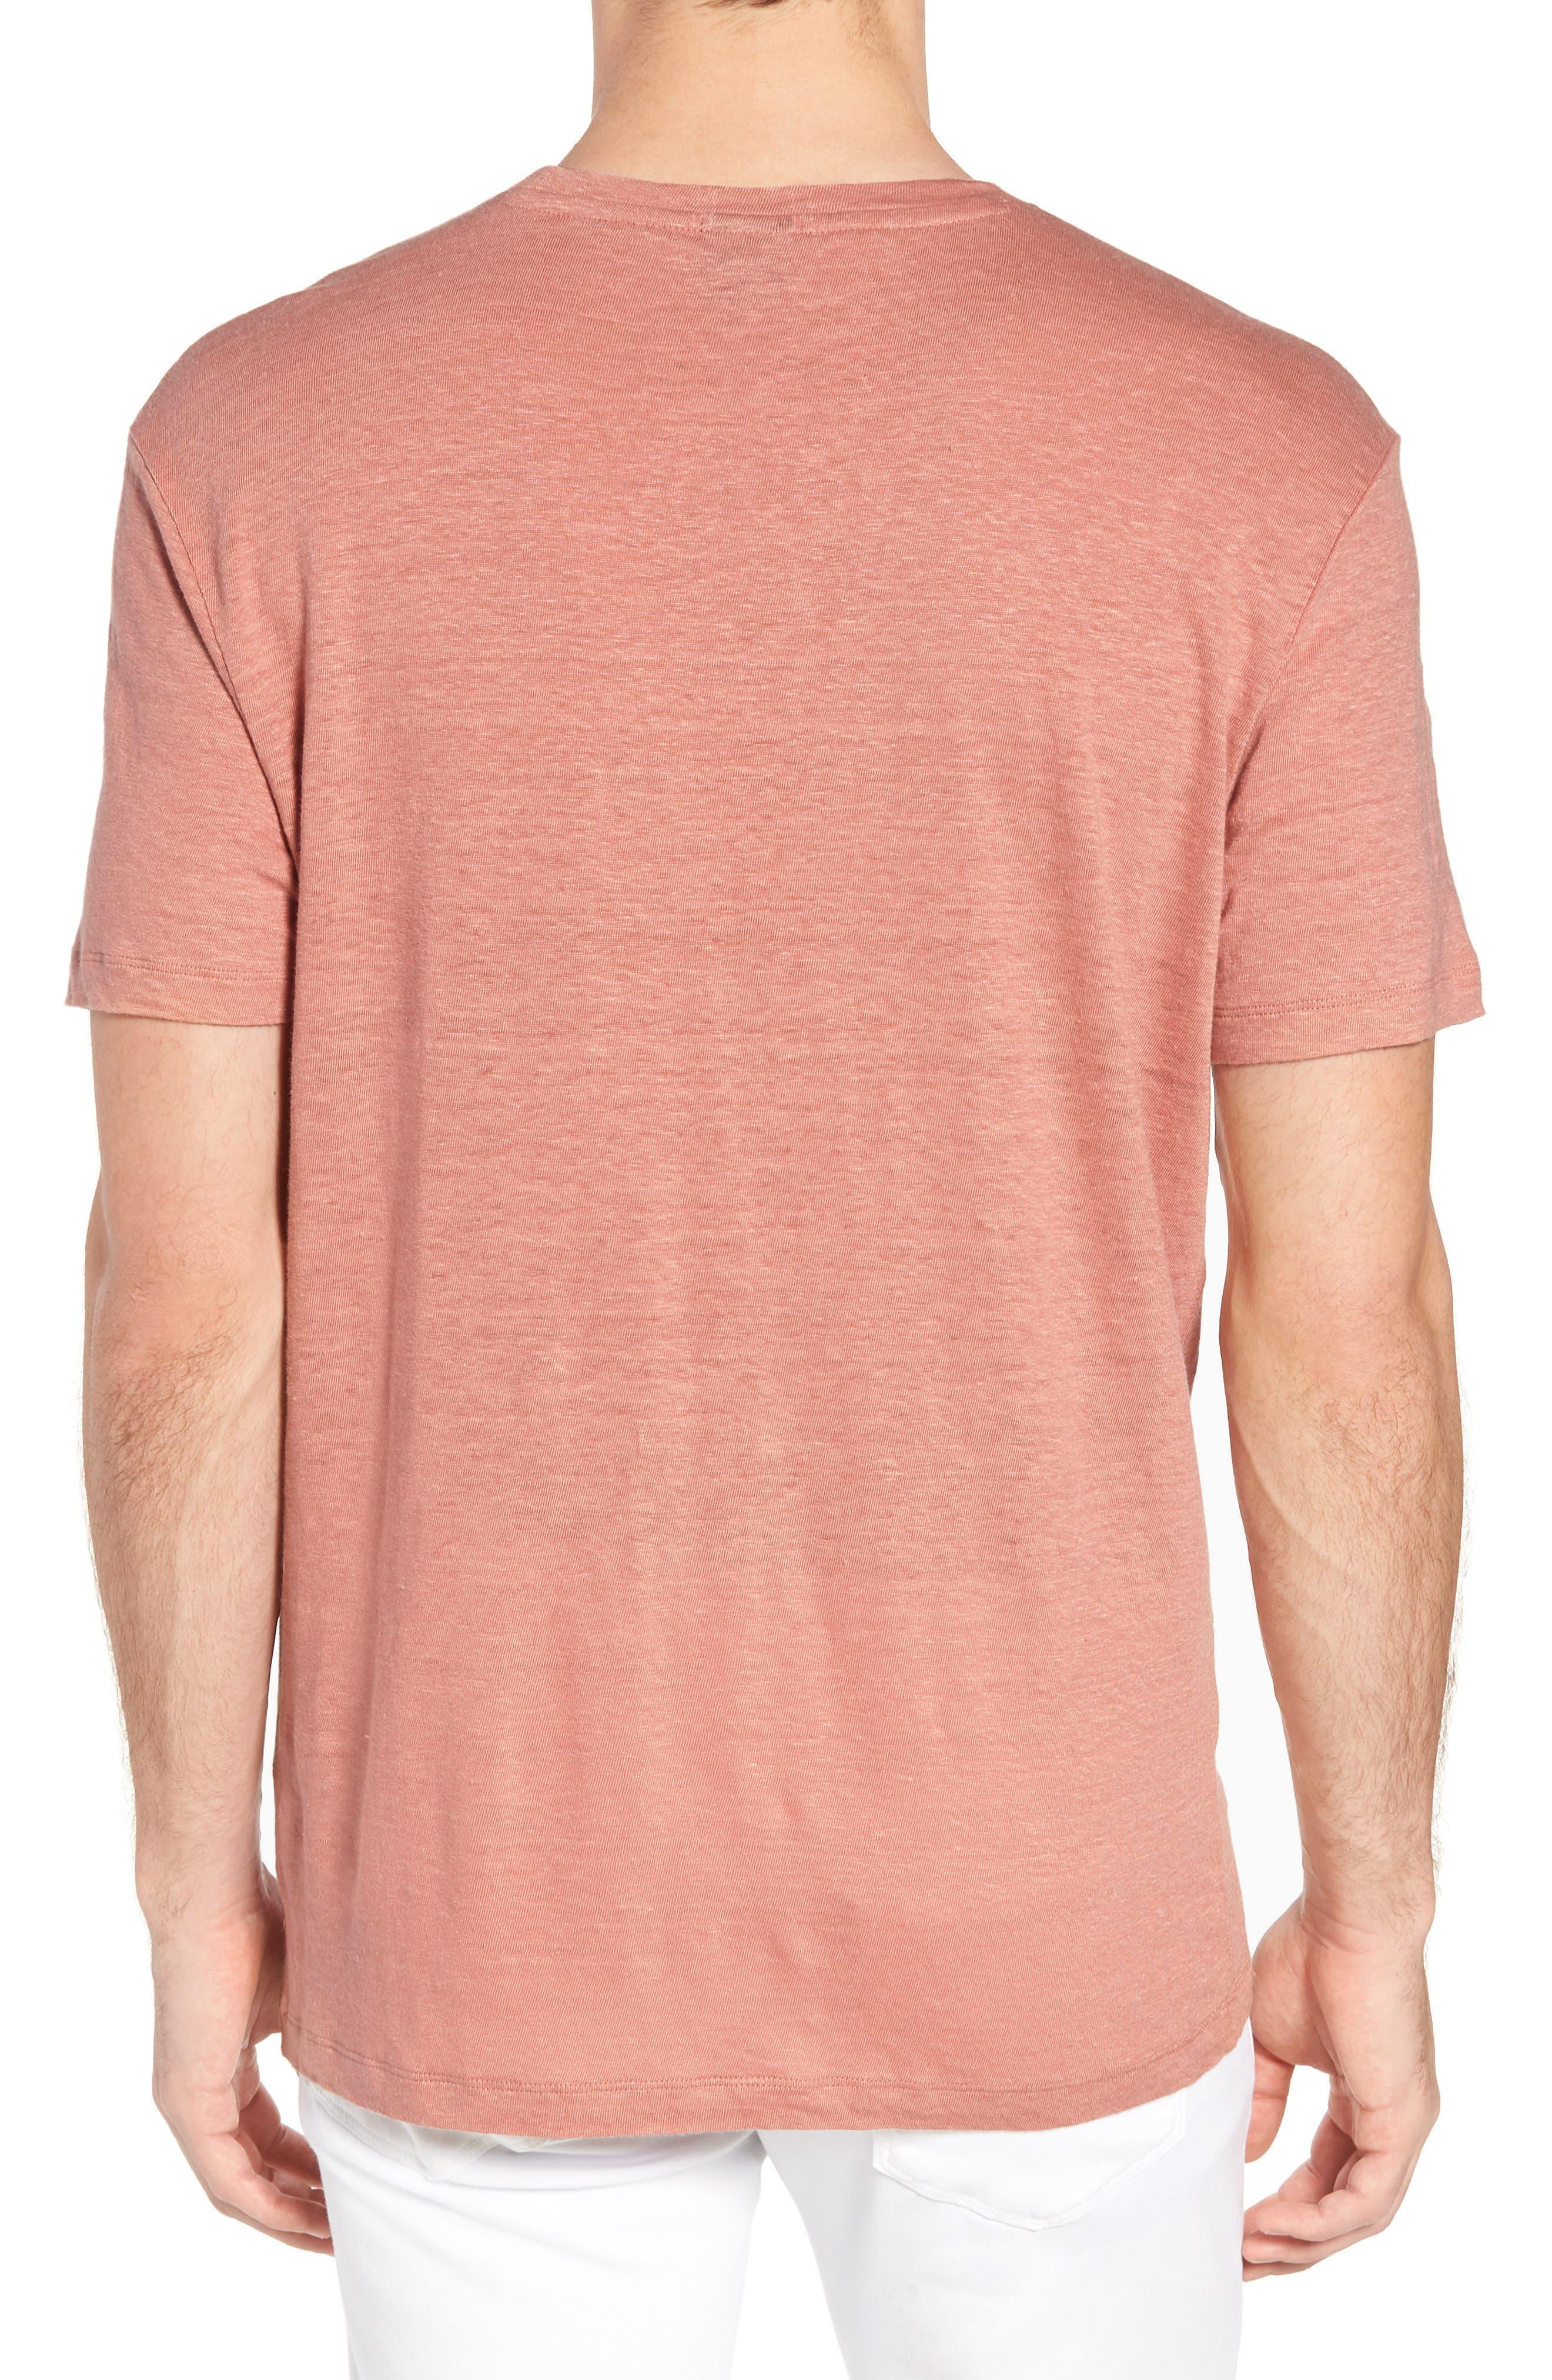 Hugo Boss Tiburt Linen T-Shirt,                             Alternate thumbnail 2, color,                             631